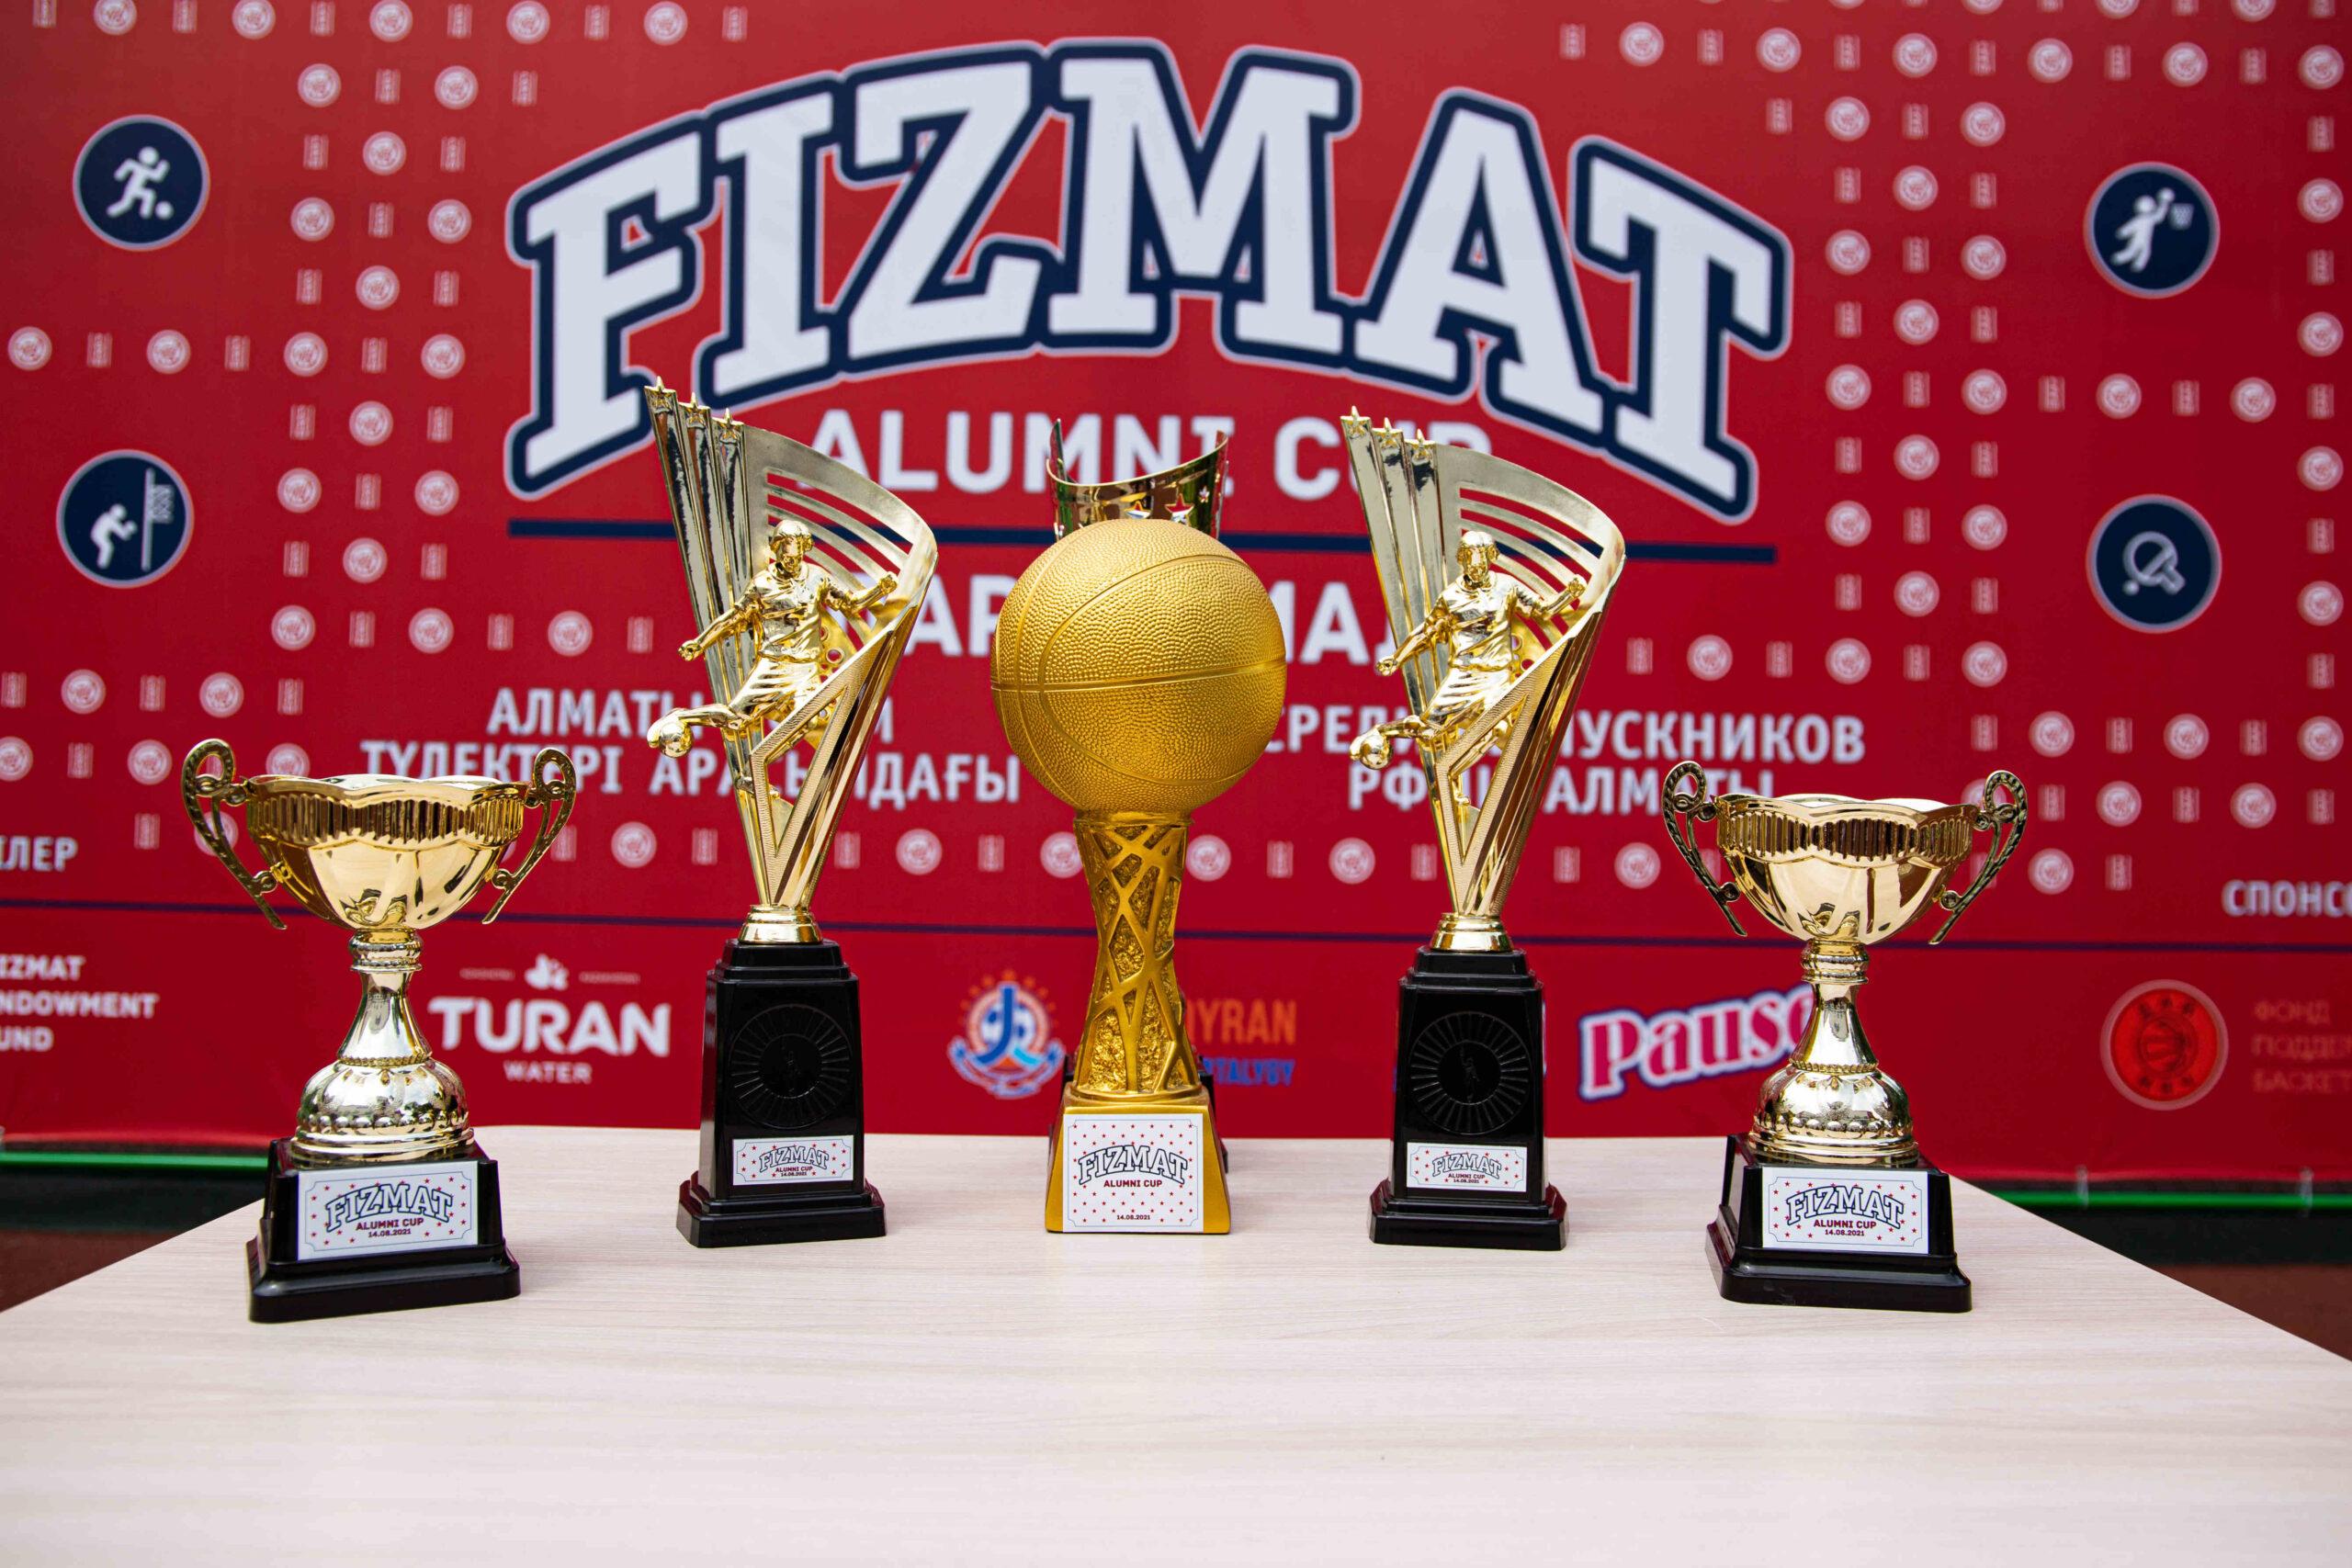 FIZMAT ALUMNI CUP